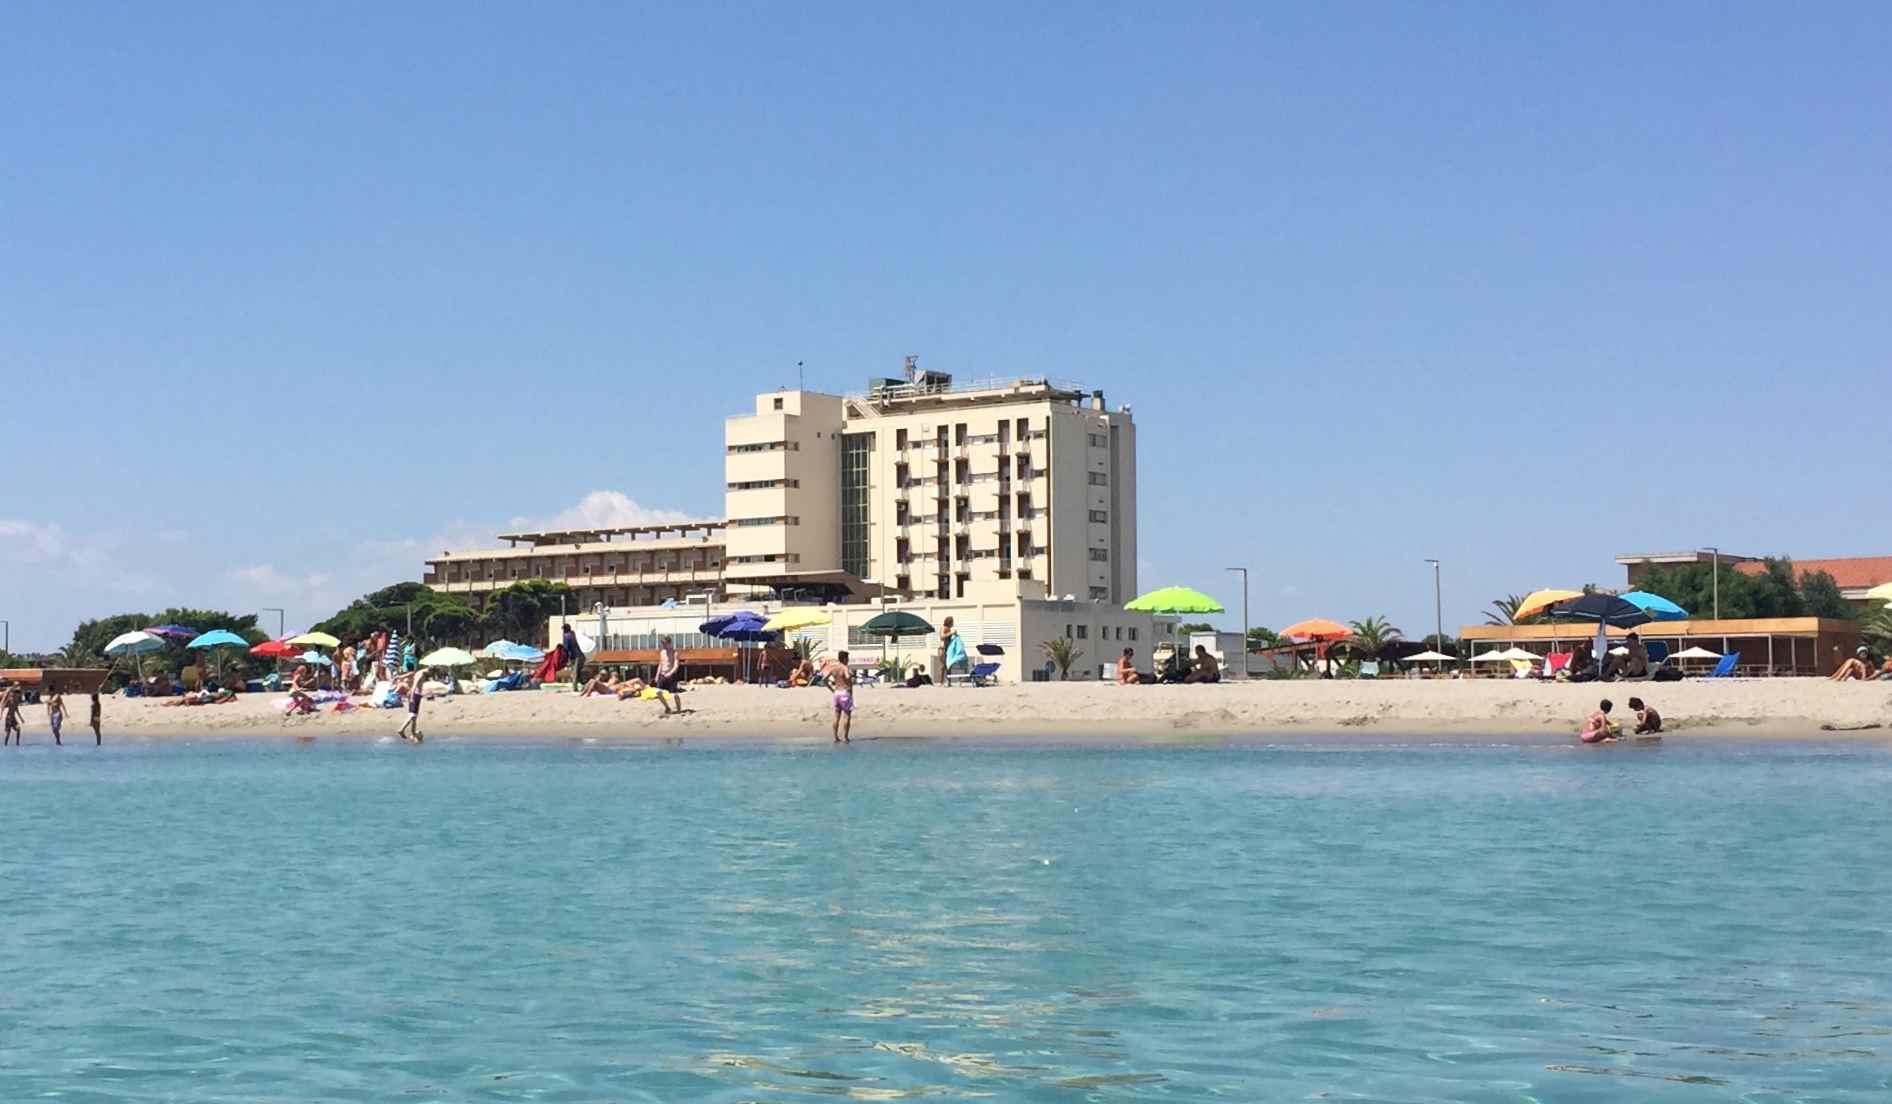 L'Ospedale Marino di Cagliari chiude! Ma perché non trasformarlo in albergo anziché in centro di riabilitazione?